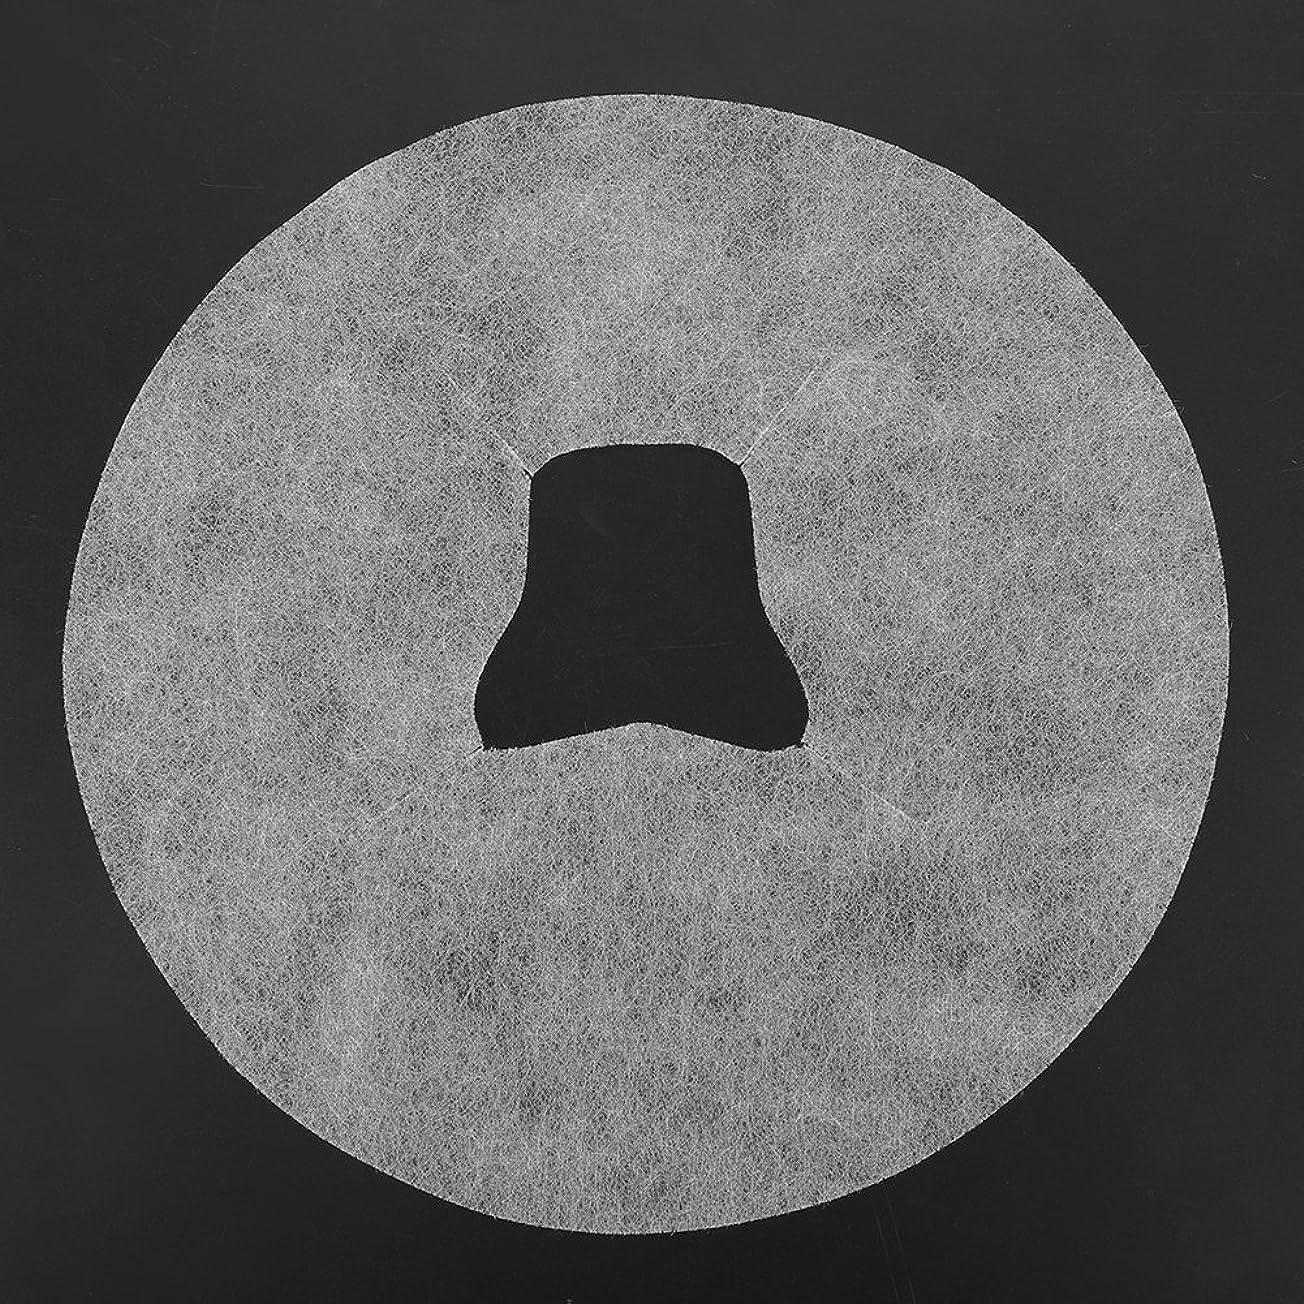 前書き等価ハントSoarUp 【100枚入】 フェイスマッサージパッド 使い捨てタオル 顔用 使い捨て 不織布材料 通気性 美容院?スパ?美容マッサージ専用 衛生的 安全 ホワイト